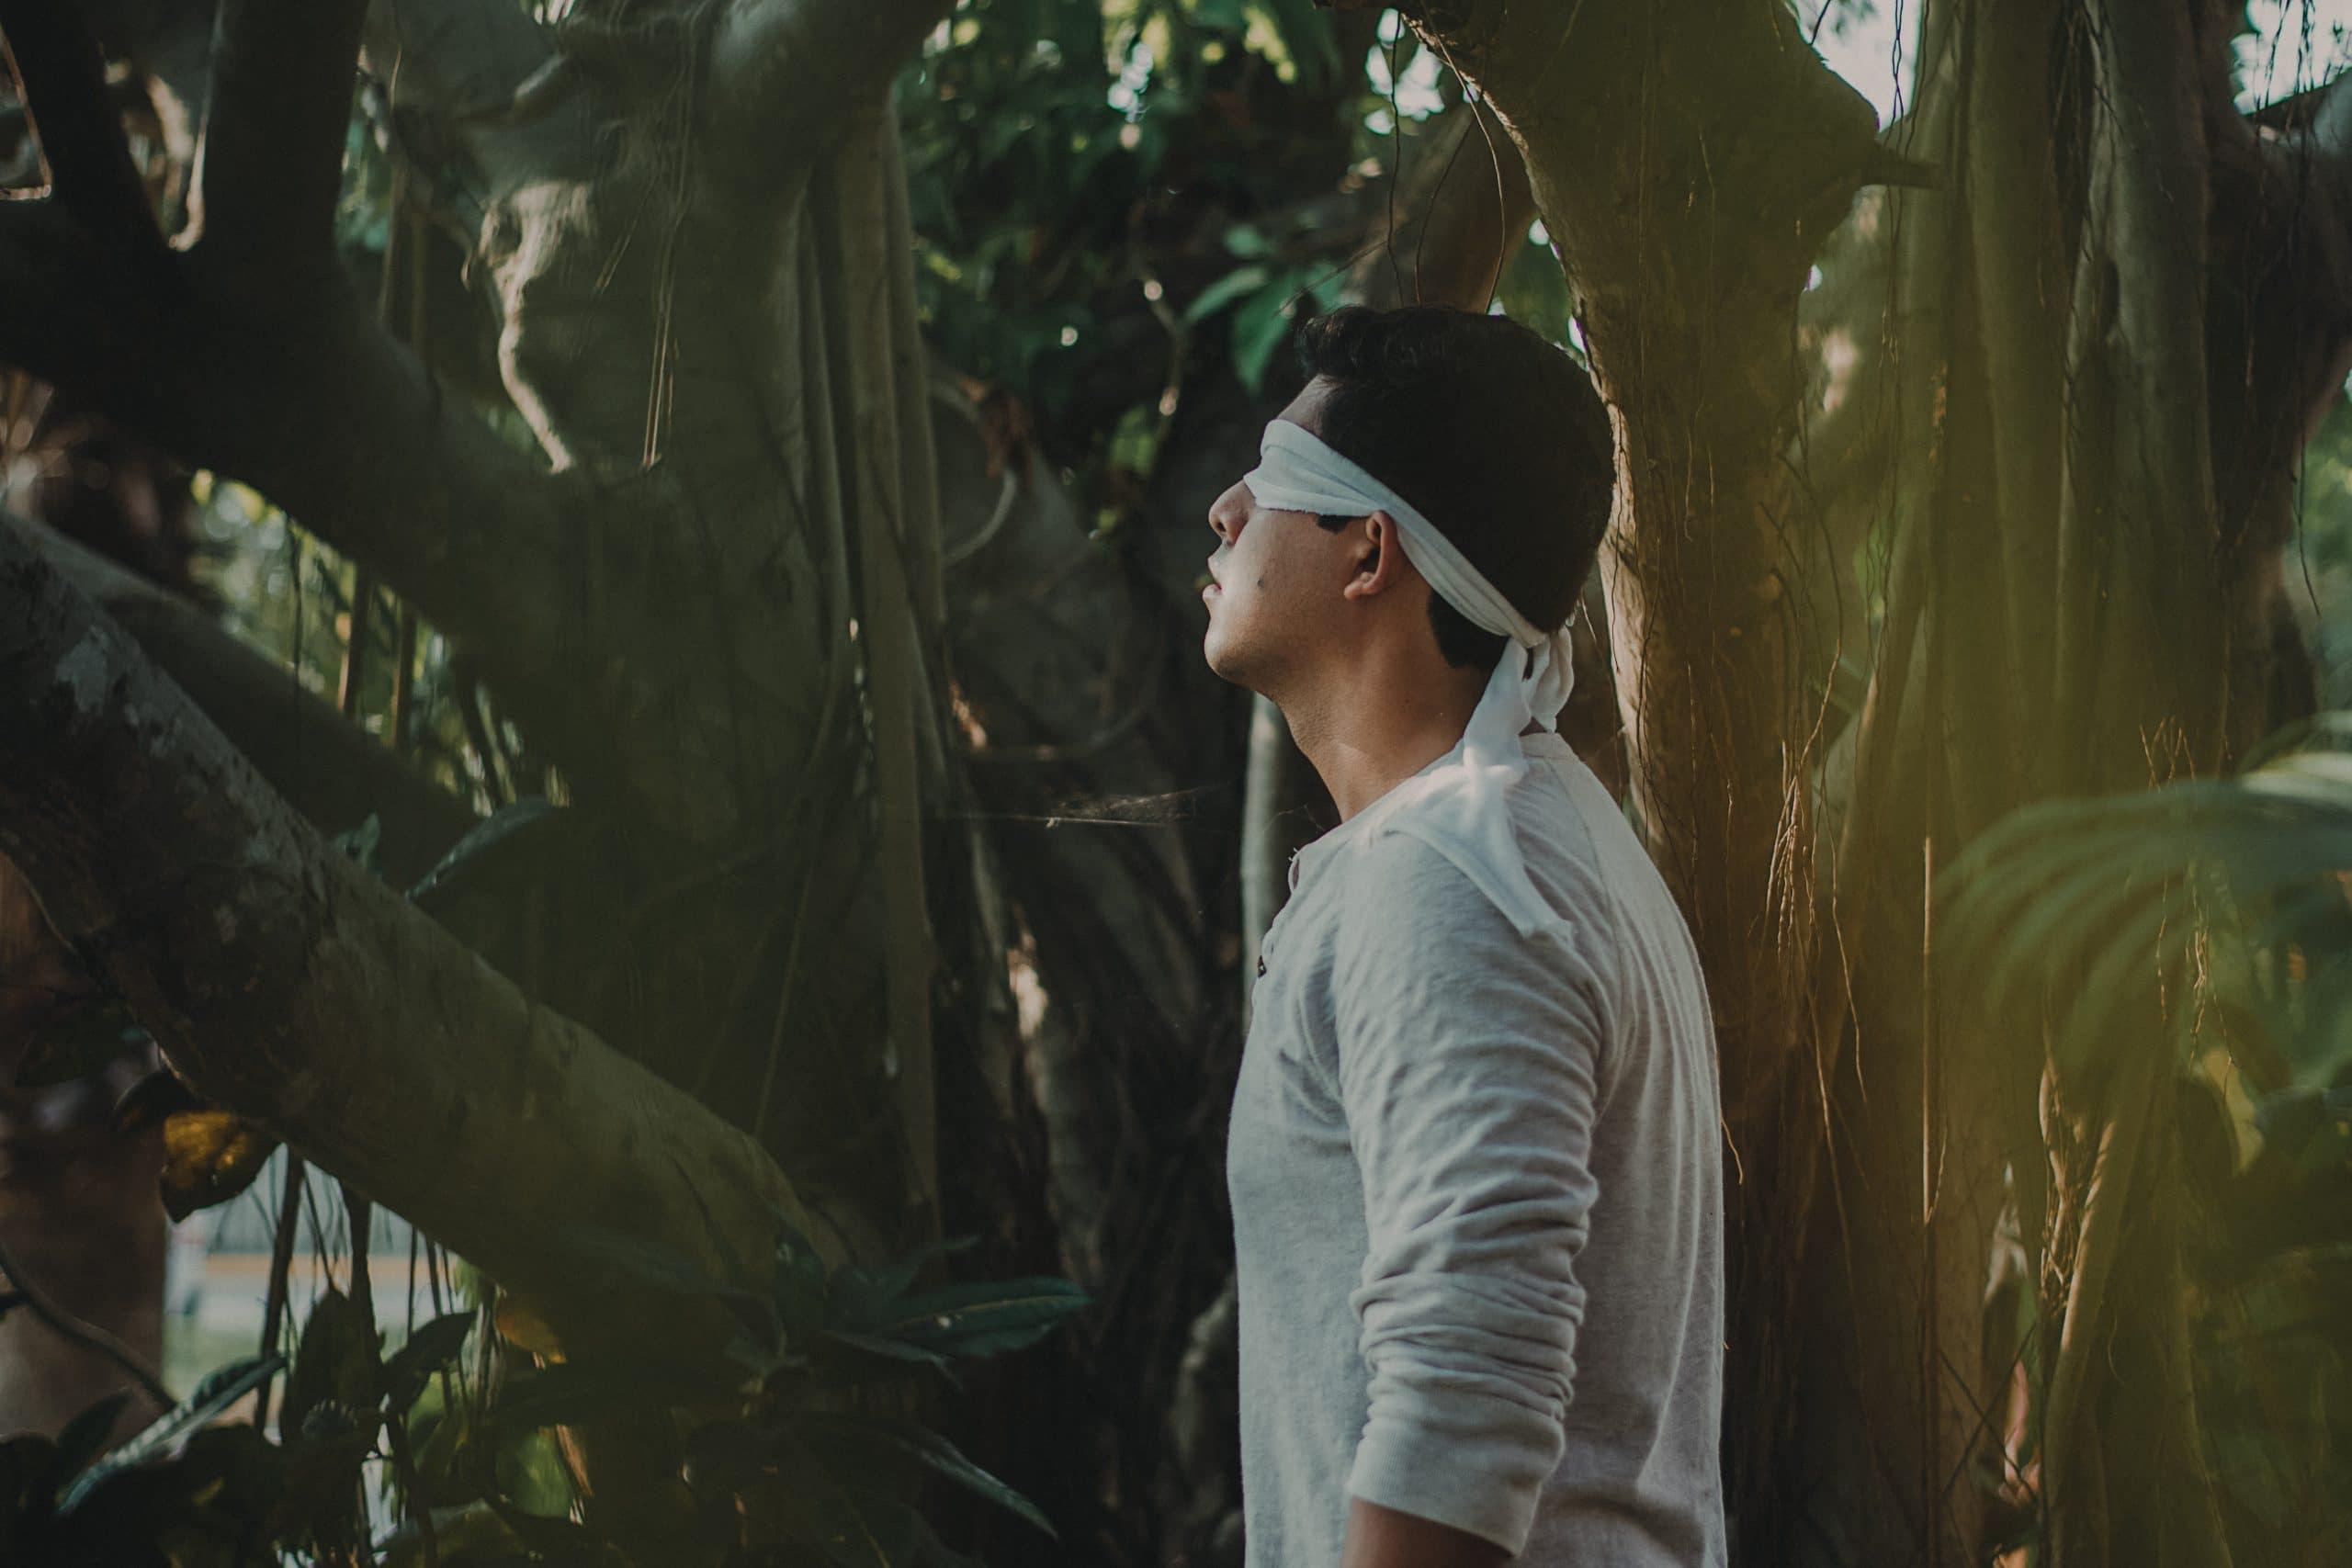 Homem com uma venda branca nos olhos tentando se encontrar em meio a selva.